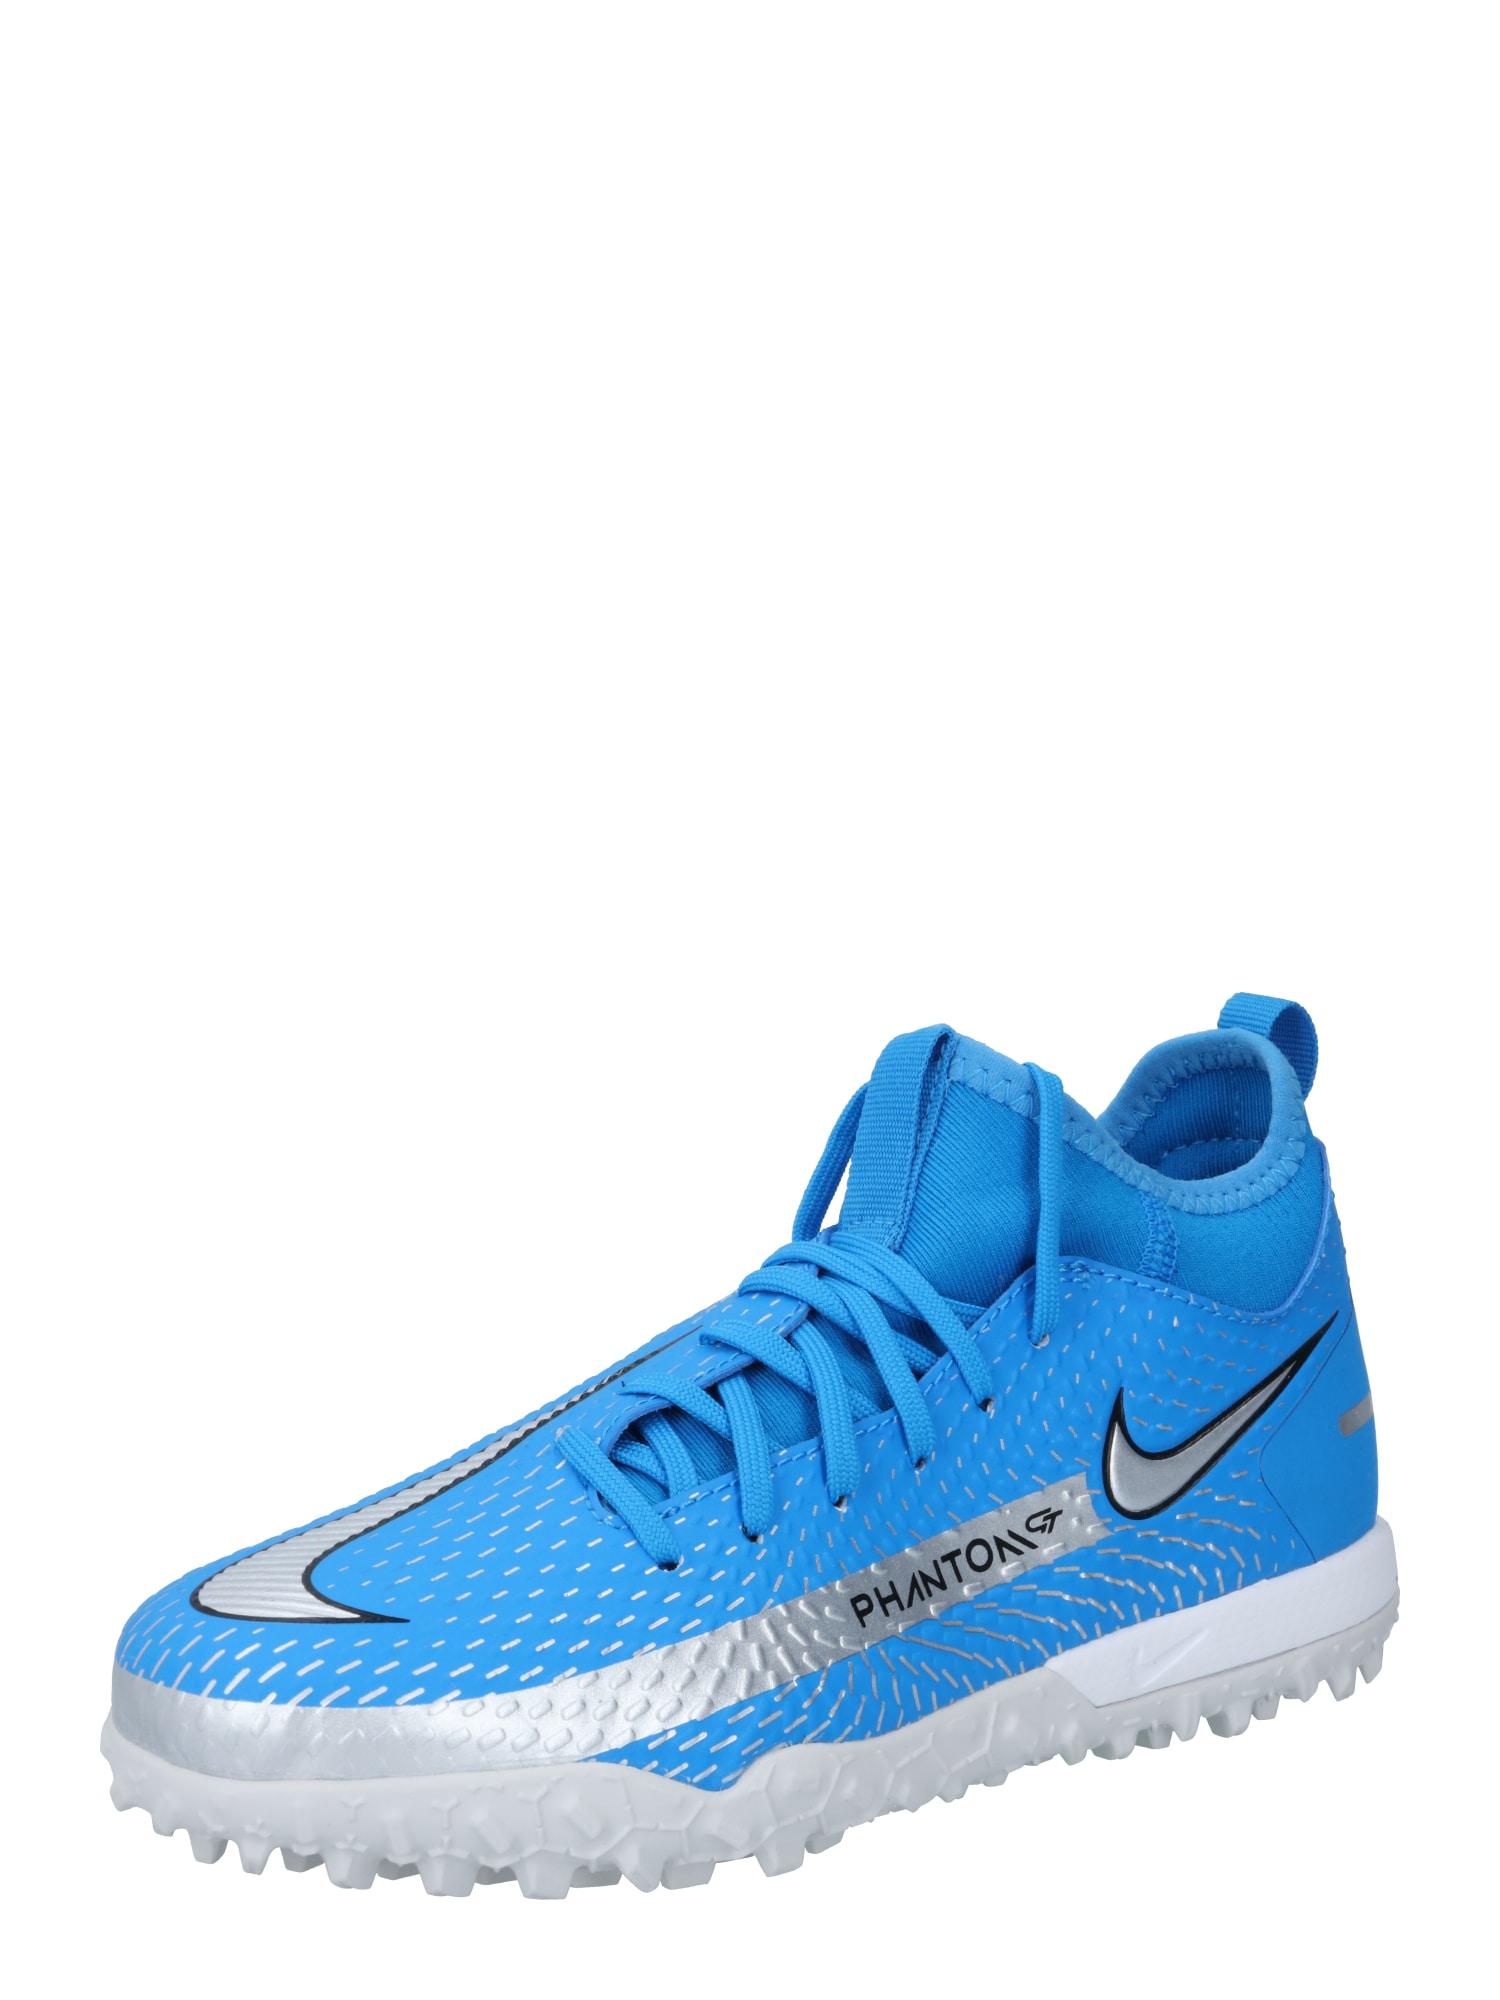 NIKE Sportiniai batai 'Phantom GT Academy' dangaus žydra / sidabrinė